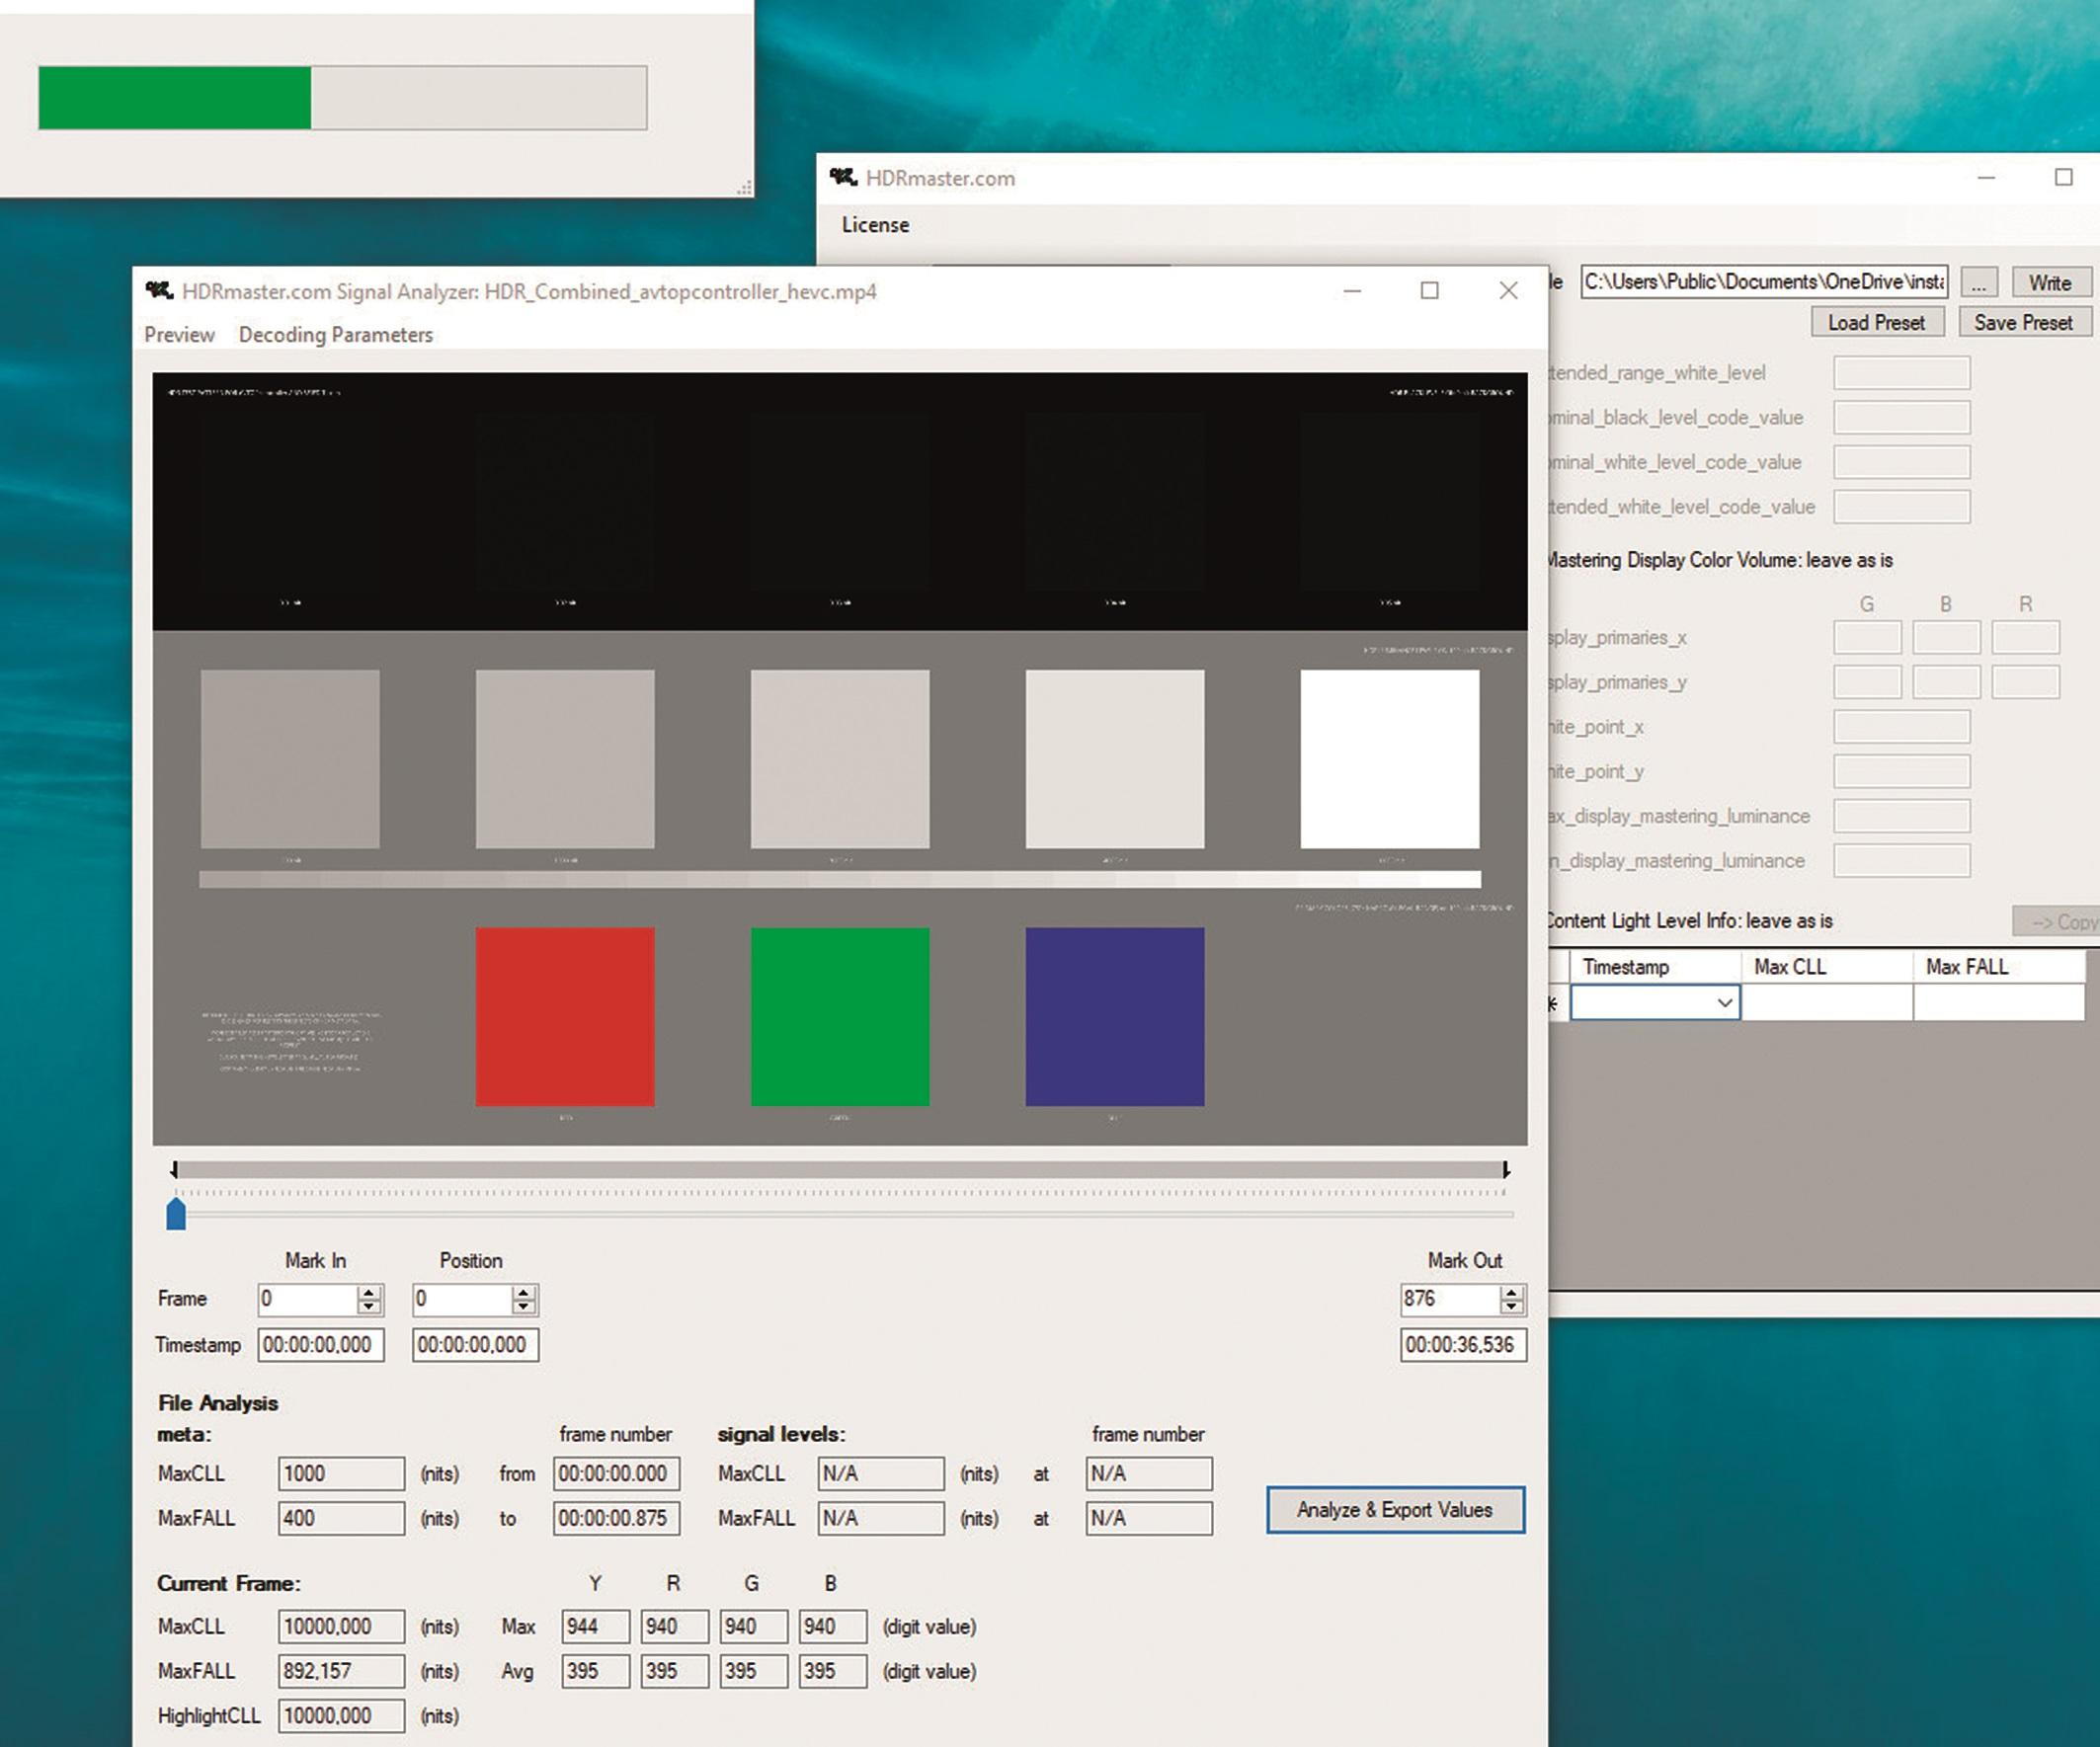 Das hierzu passende DaVinci-Resolve Projektsetup für HDR1O/PQ : Für HDR-Workflows ist es zunächst einmal entscheidend, dass das Color Management auf DaVincis eigenes CM umgestellt wird. Erst danach stehen weitere Funktionen wie ST 2O84 1.OOO Nit zur Verfügung. Dazu splittet man noch die Auswahl auf separate Farbräume und Gamma.